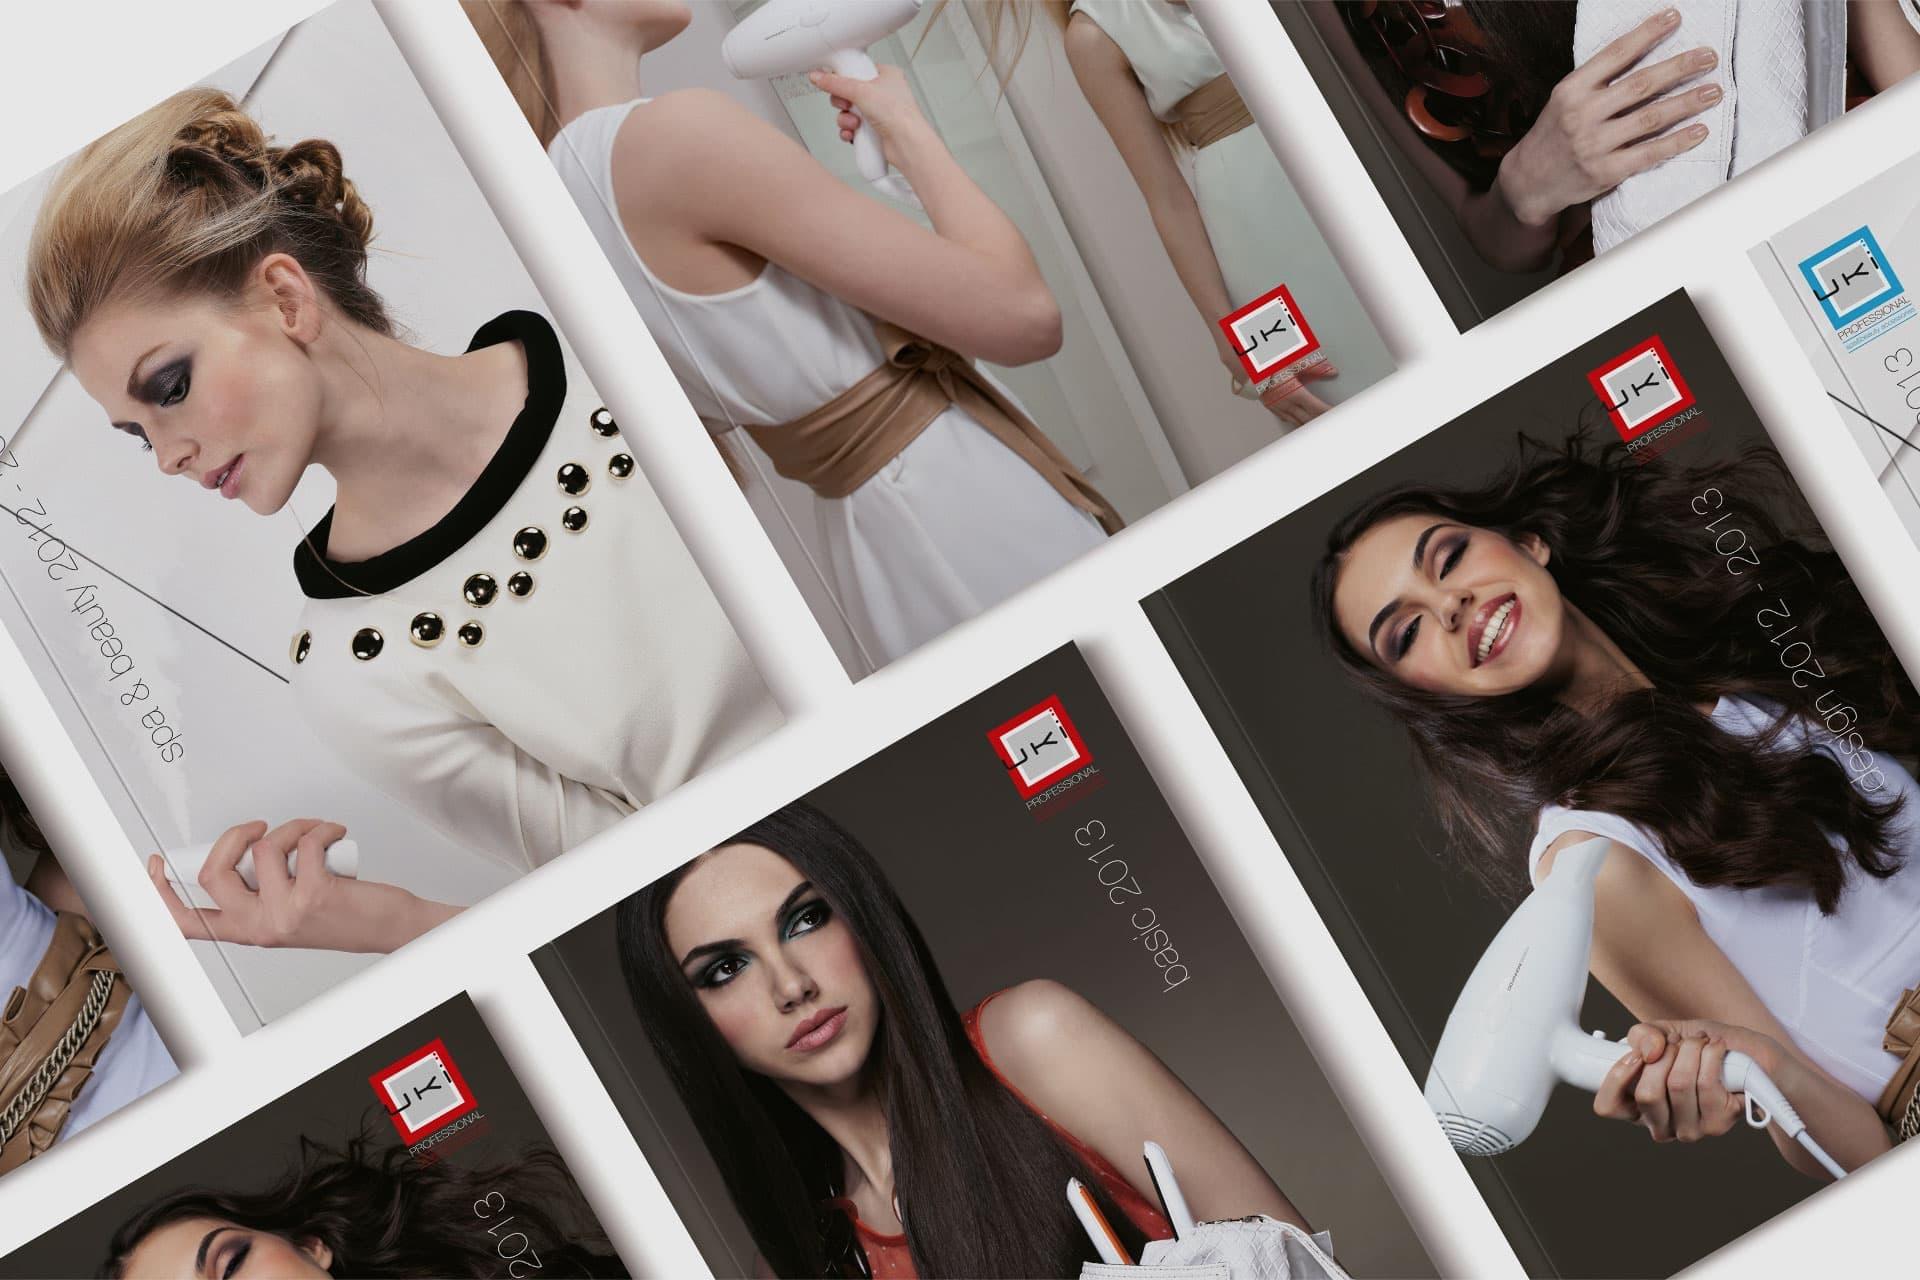 Uki by Beauty Star - The italian sense of beauty